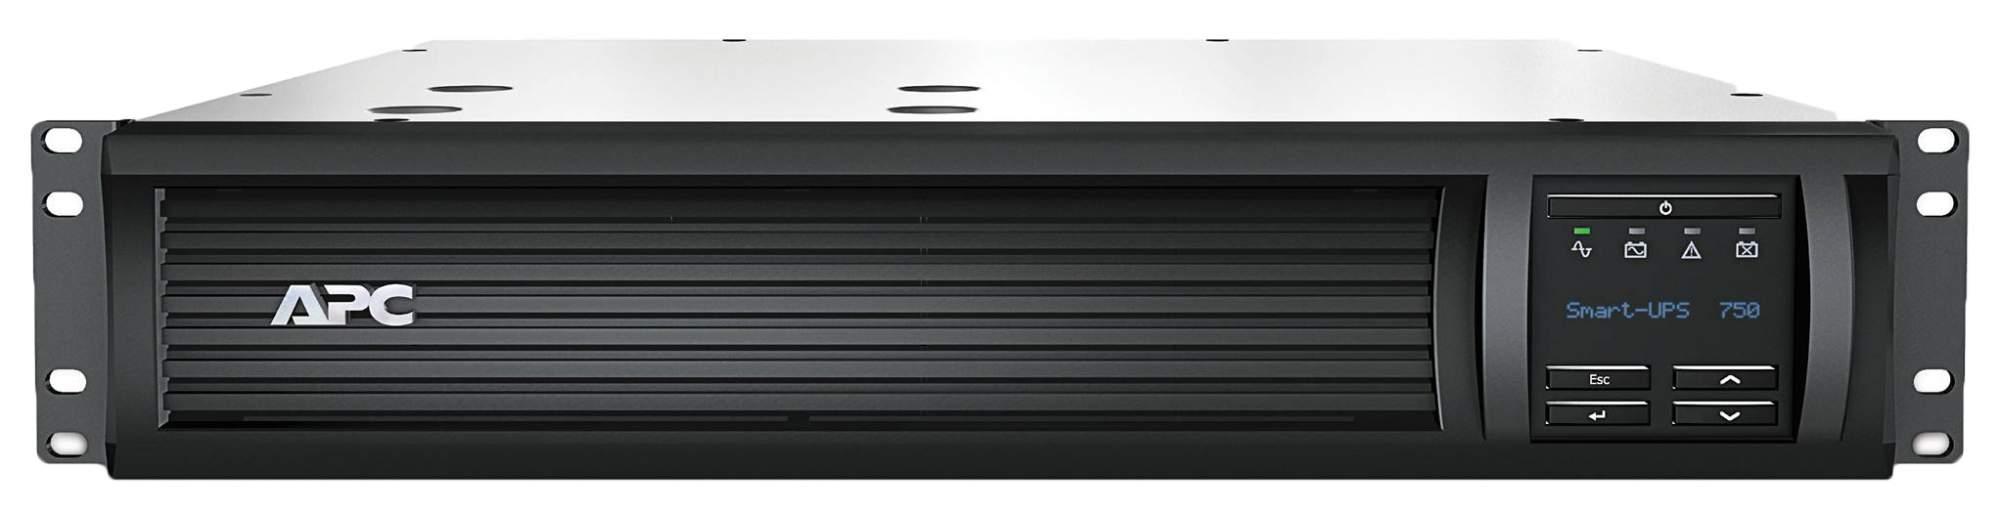 Источник бесперебойного питания APC SMART SMT750RMI2U Серый, Black